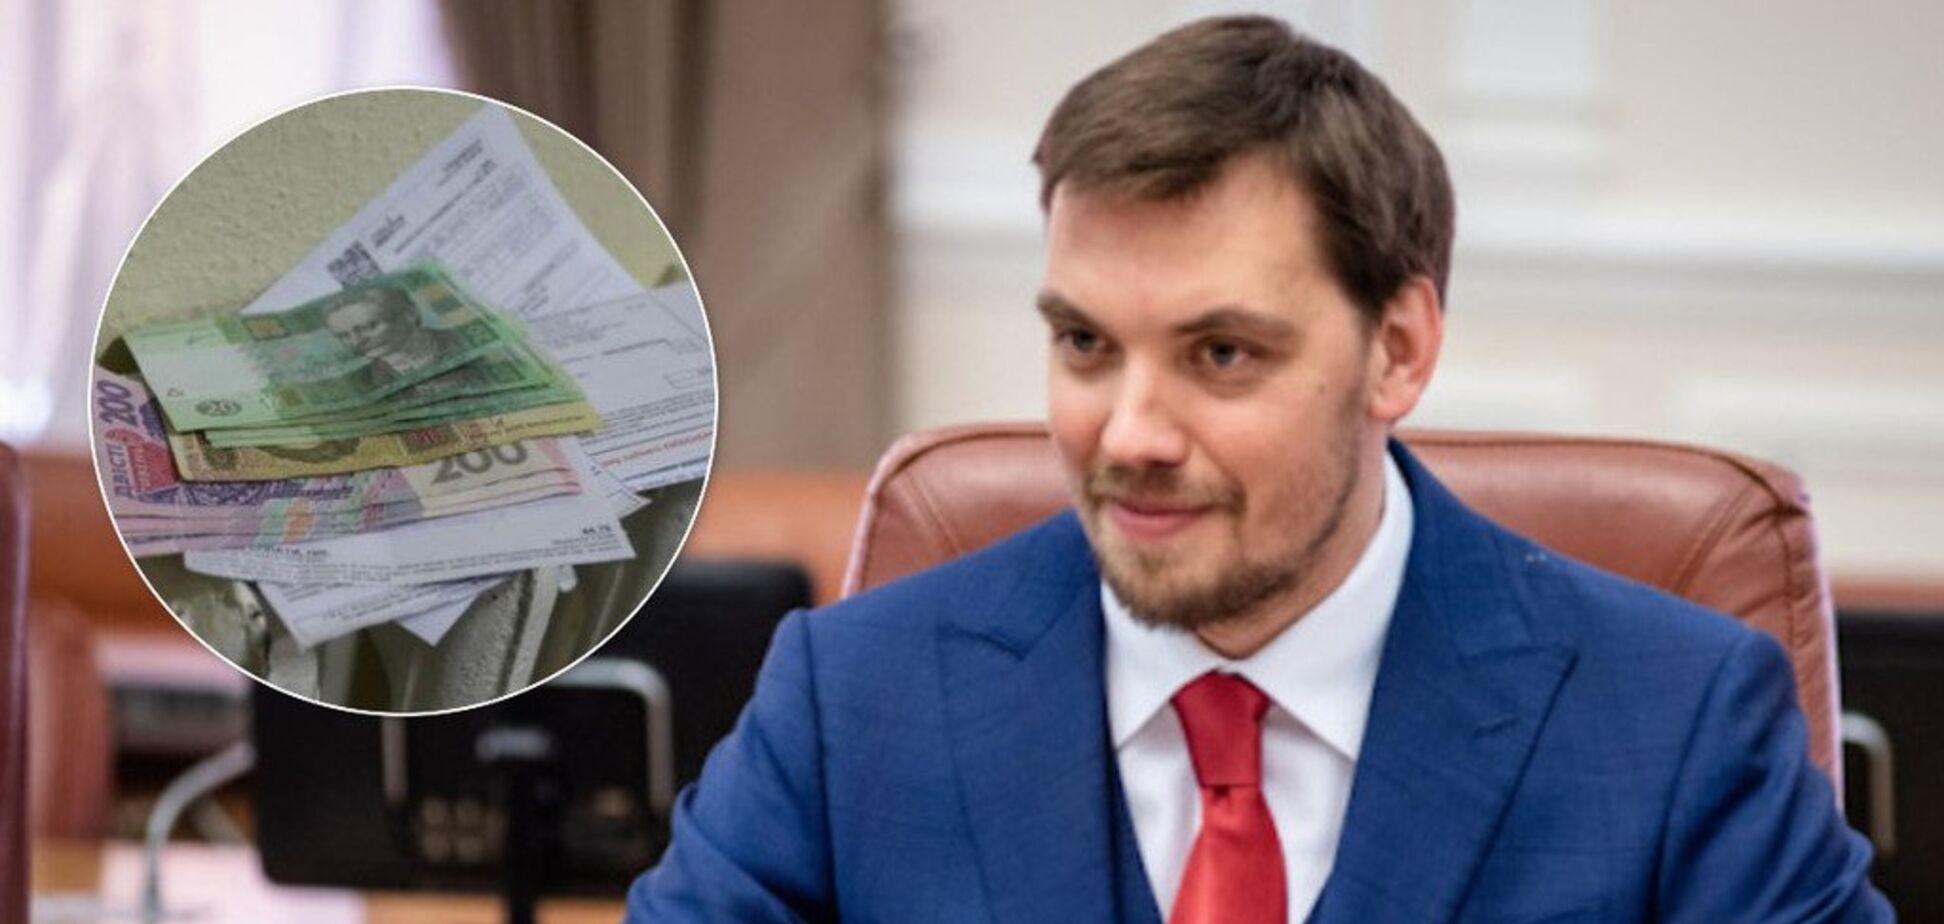 Украинцам резко пересчитают платежки за тепло: сколько и кто заплатит